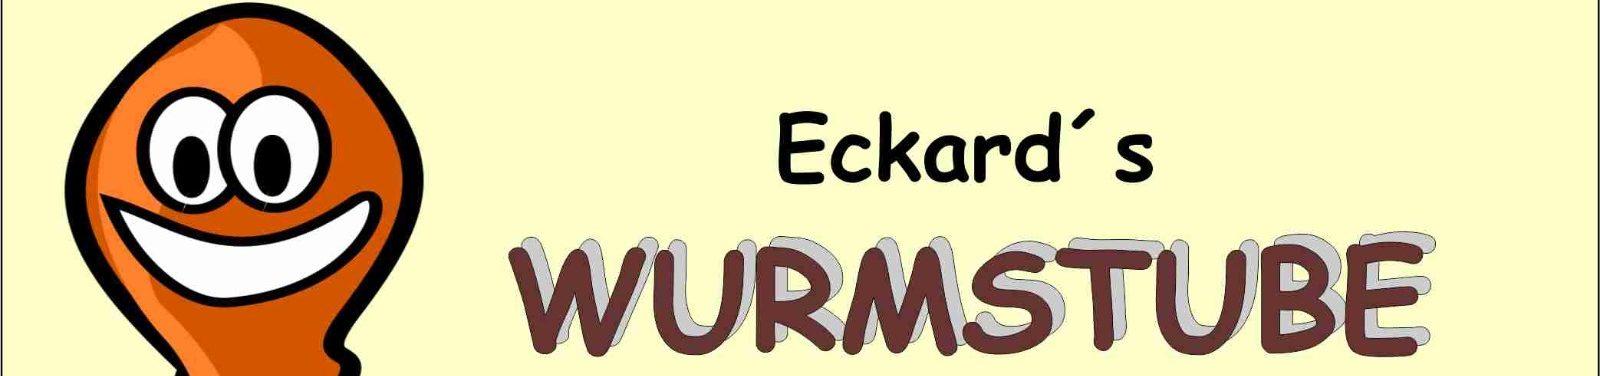 Eckards Wurmstube